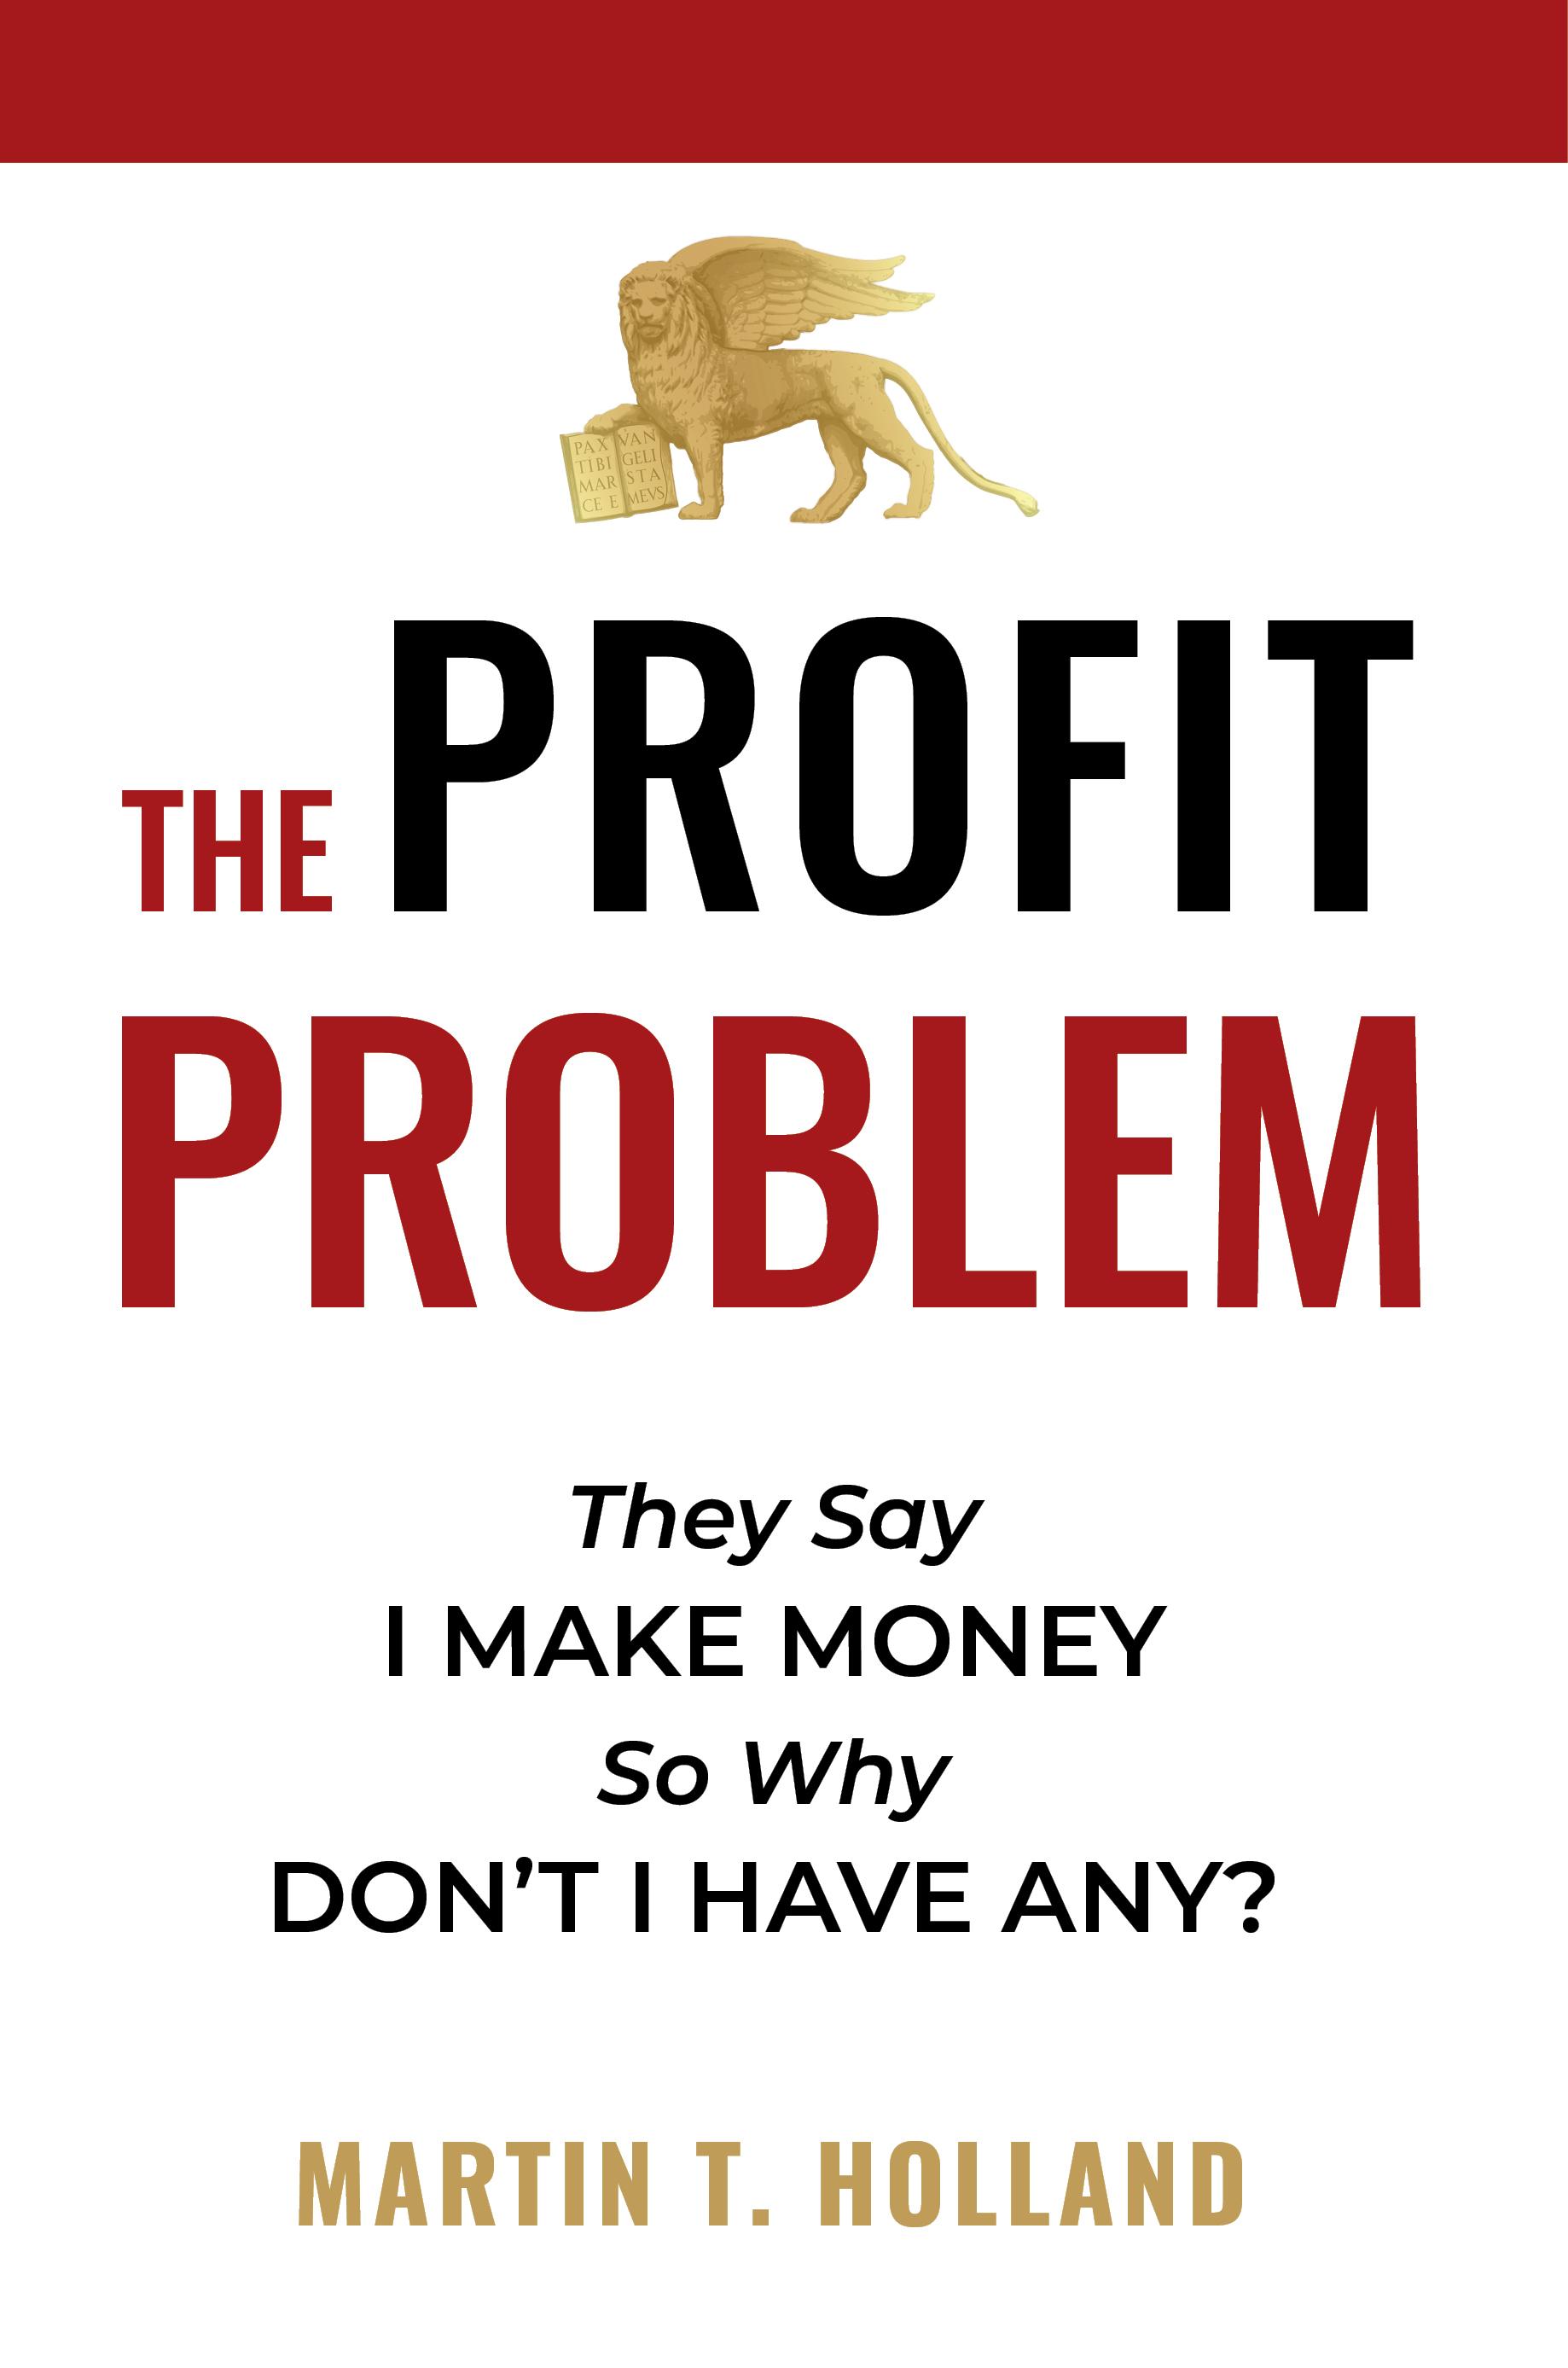 Theprofitproblem_ebook_cover-original